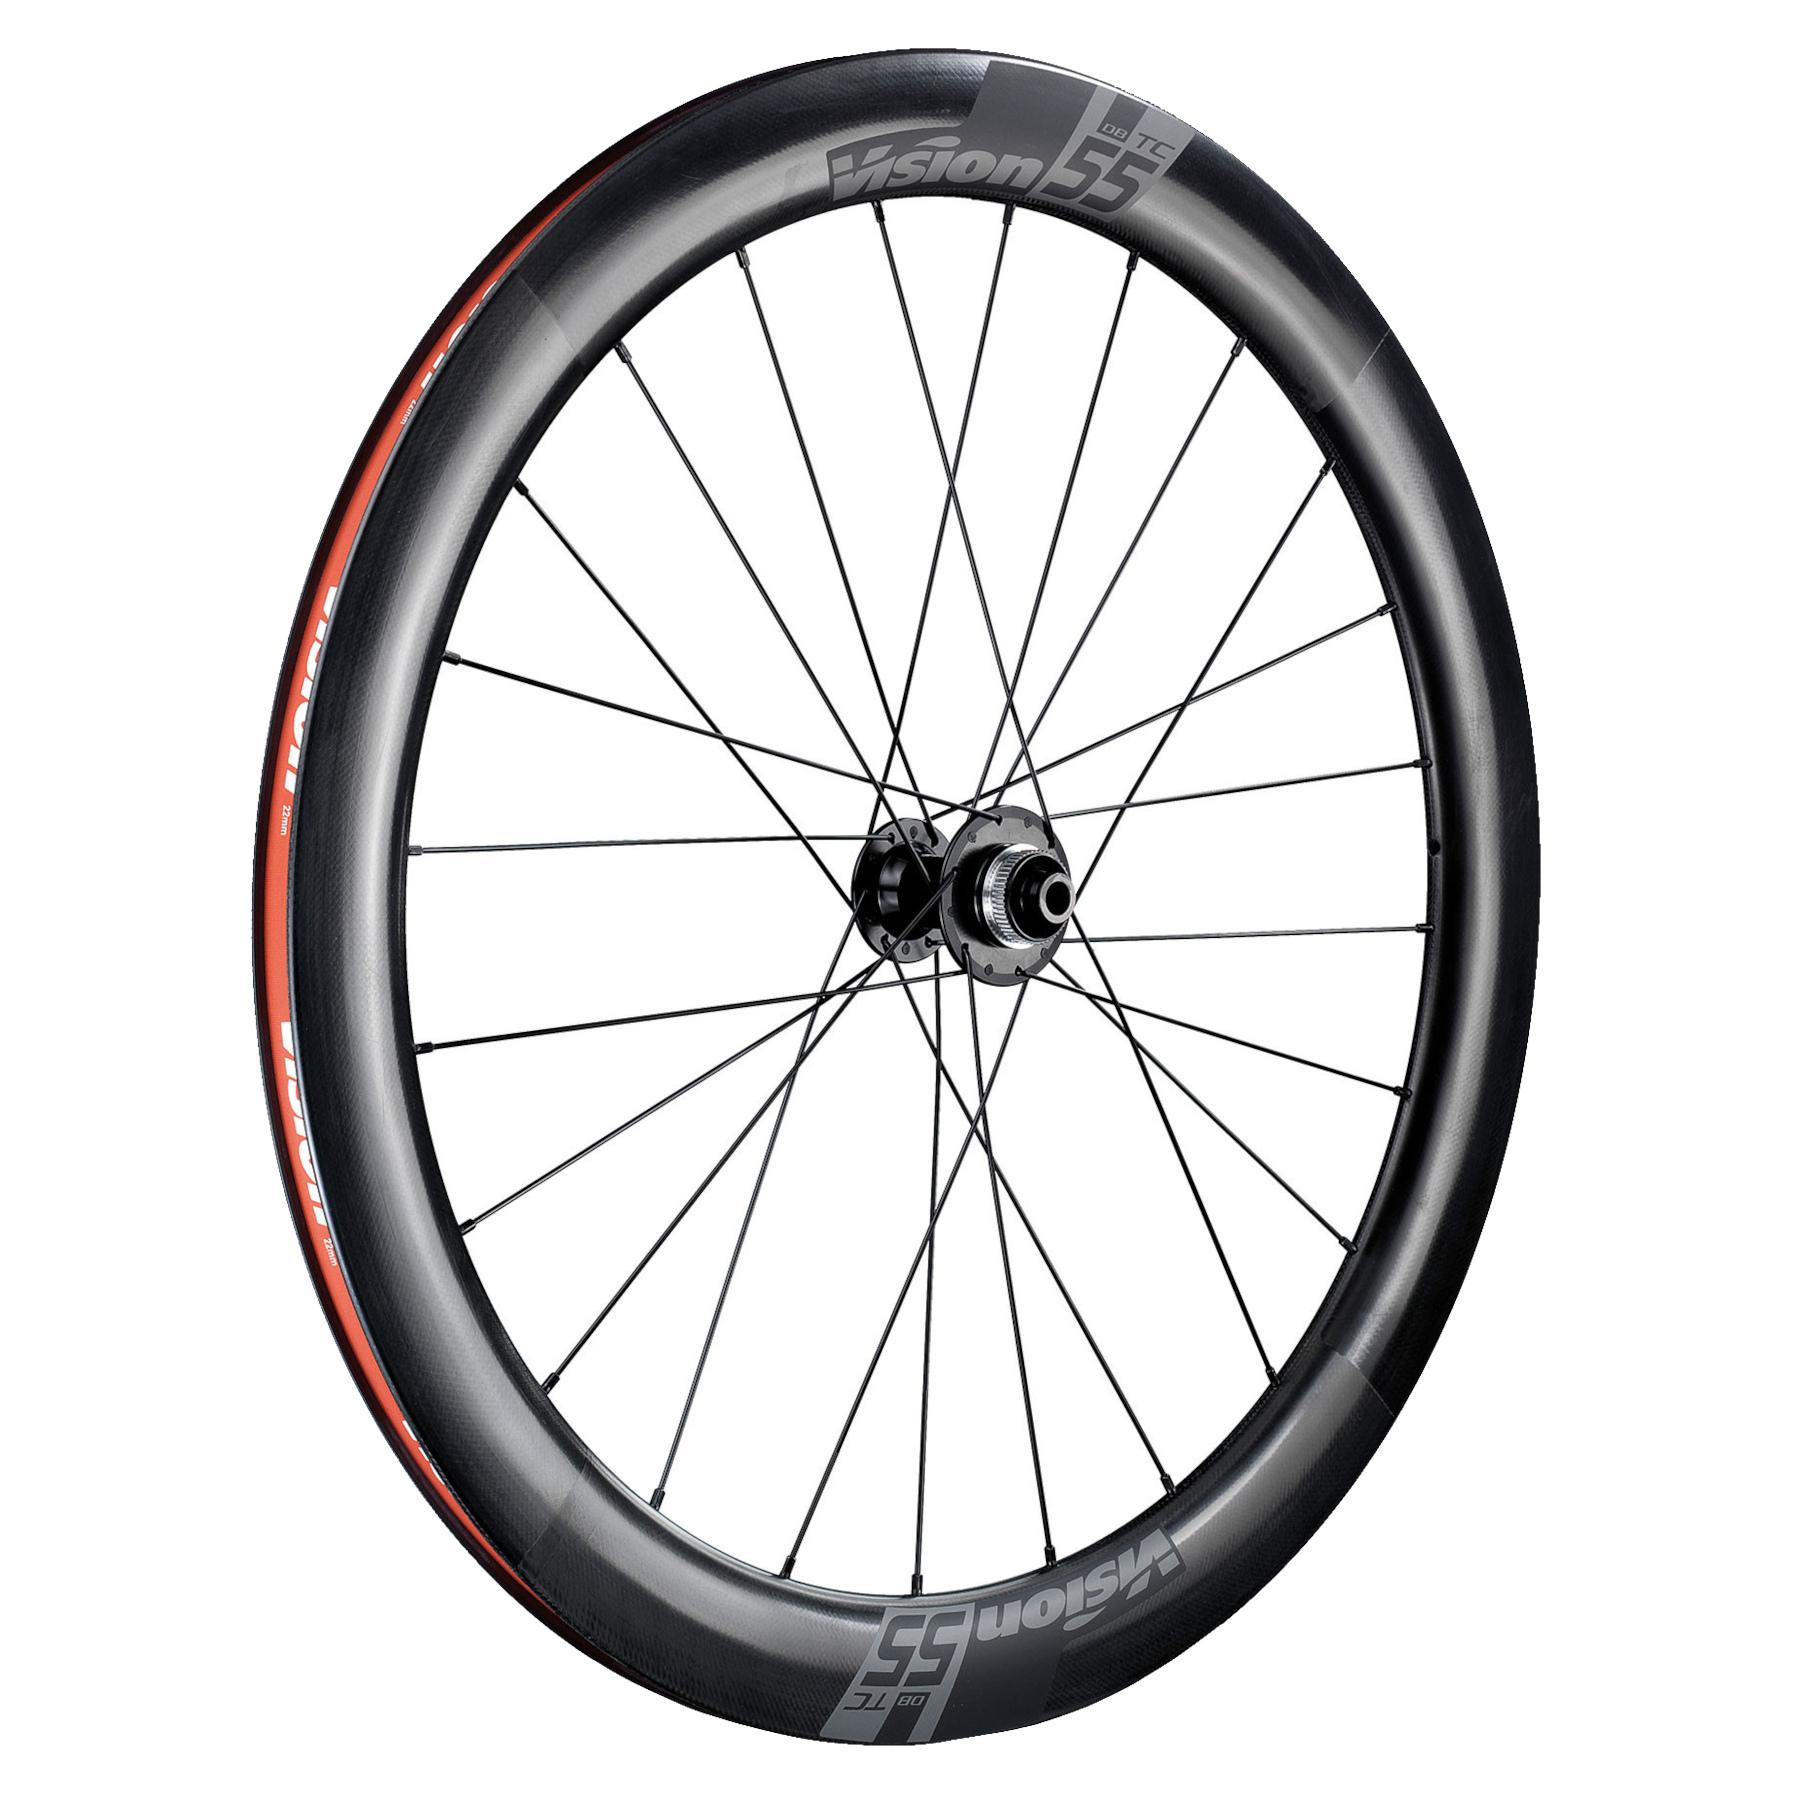 Bild von Vision TC 55 Disc Carbon Laufradsatz - TLR - Centerlock - 12x100mm | 12x142mm - Shimano HG